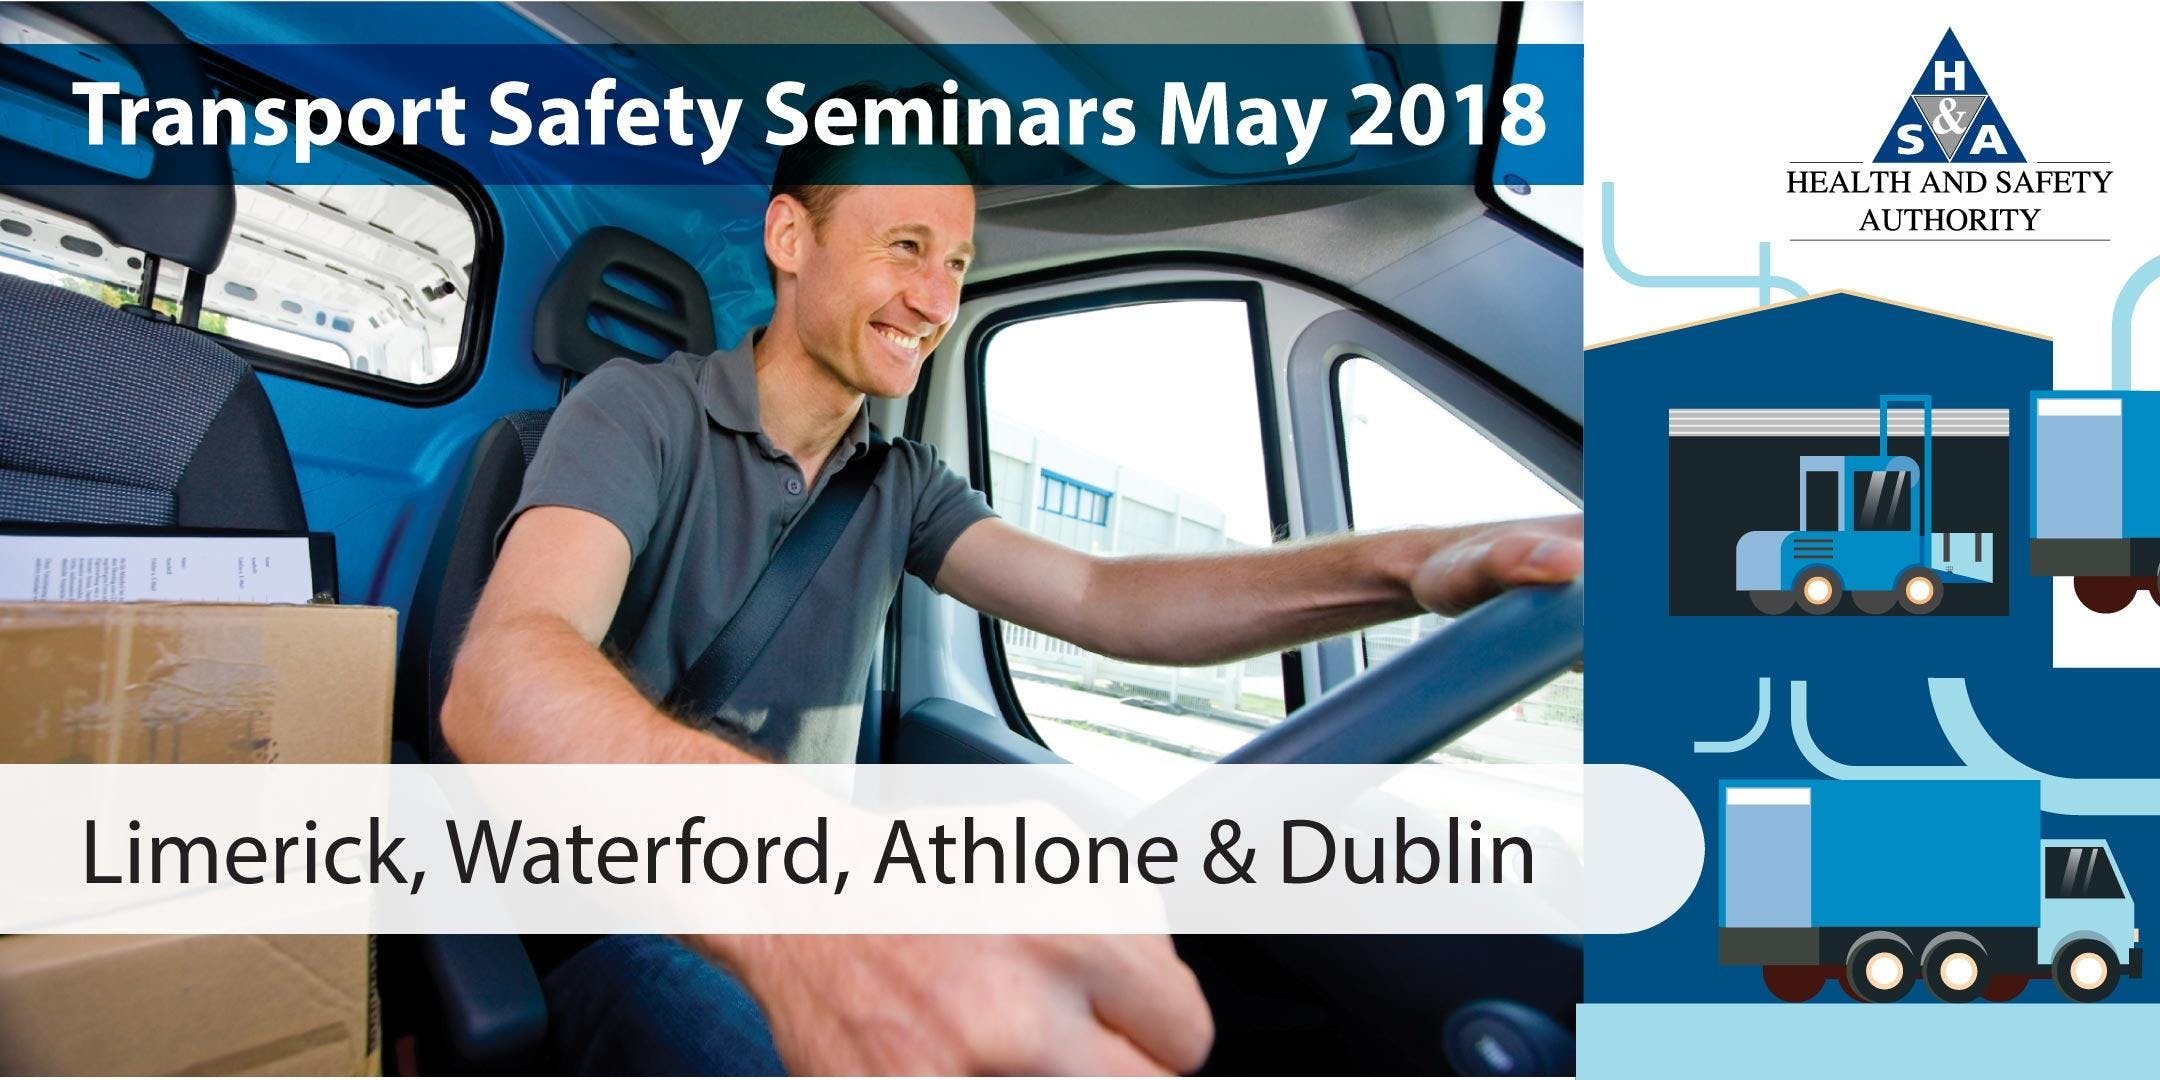 Transport Safety Seminar - Dublin